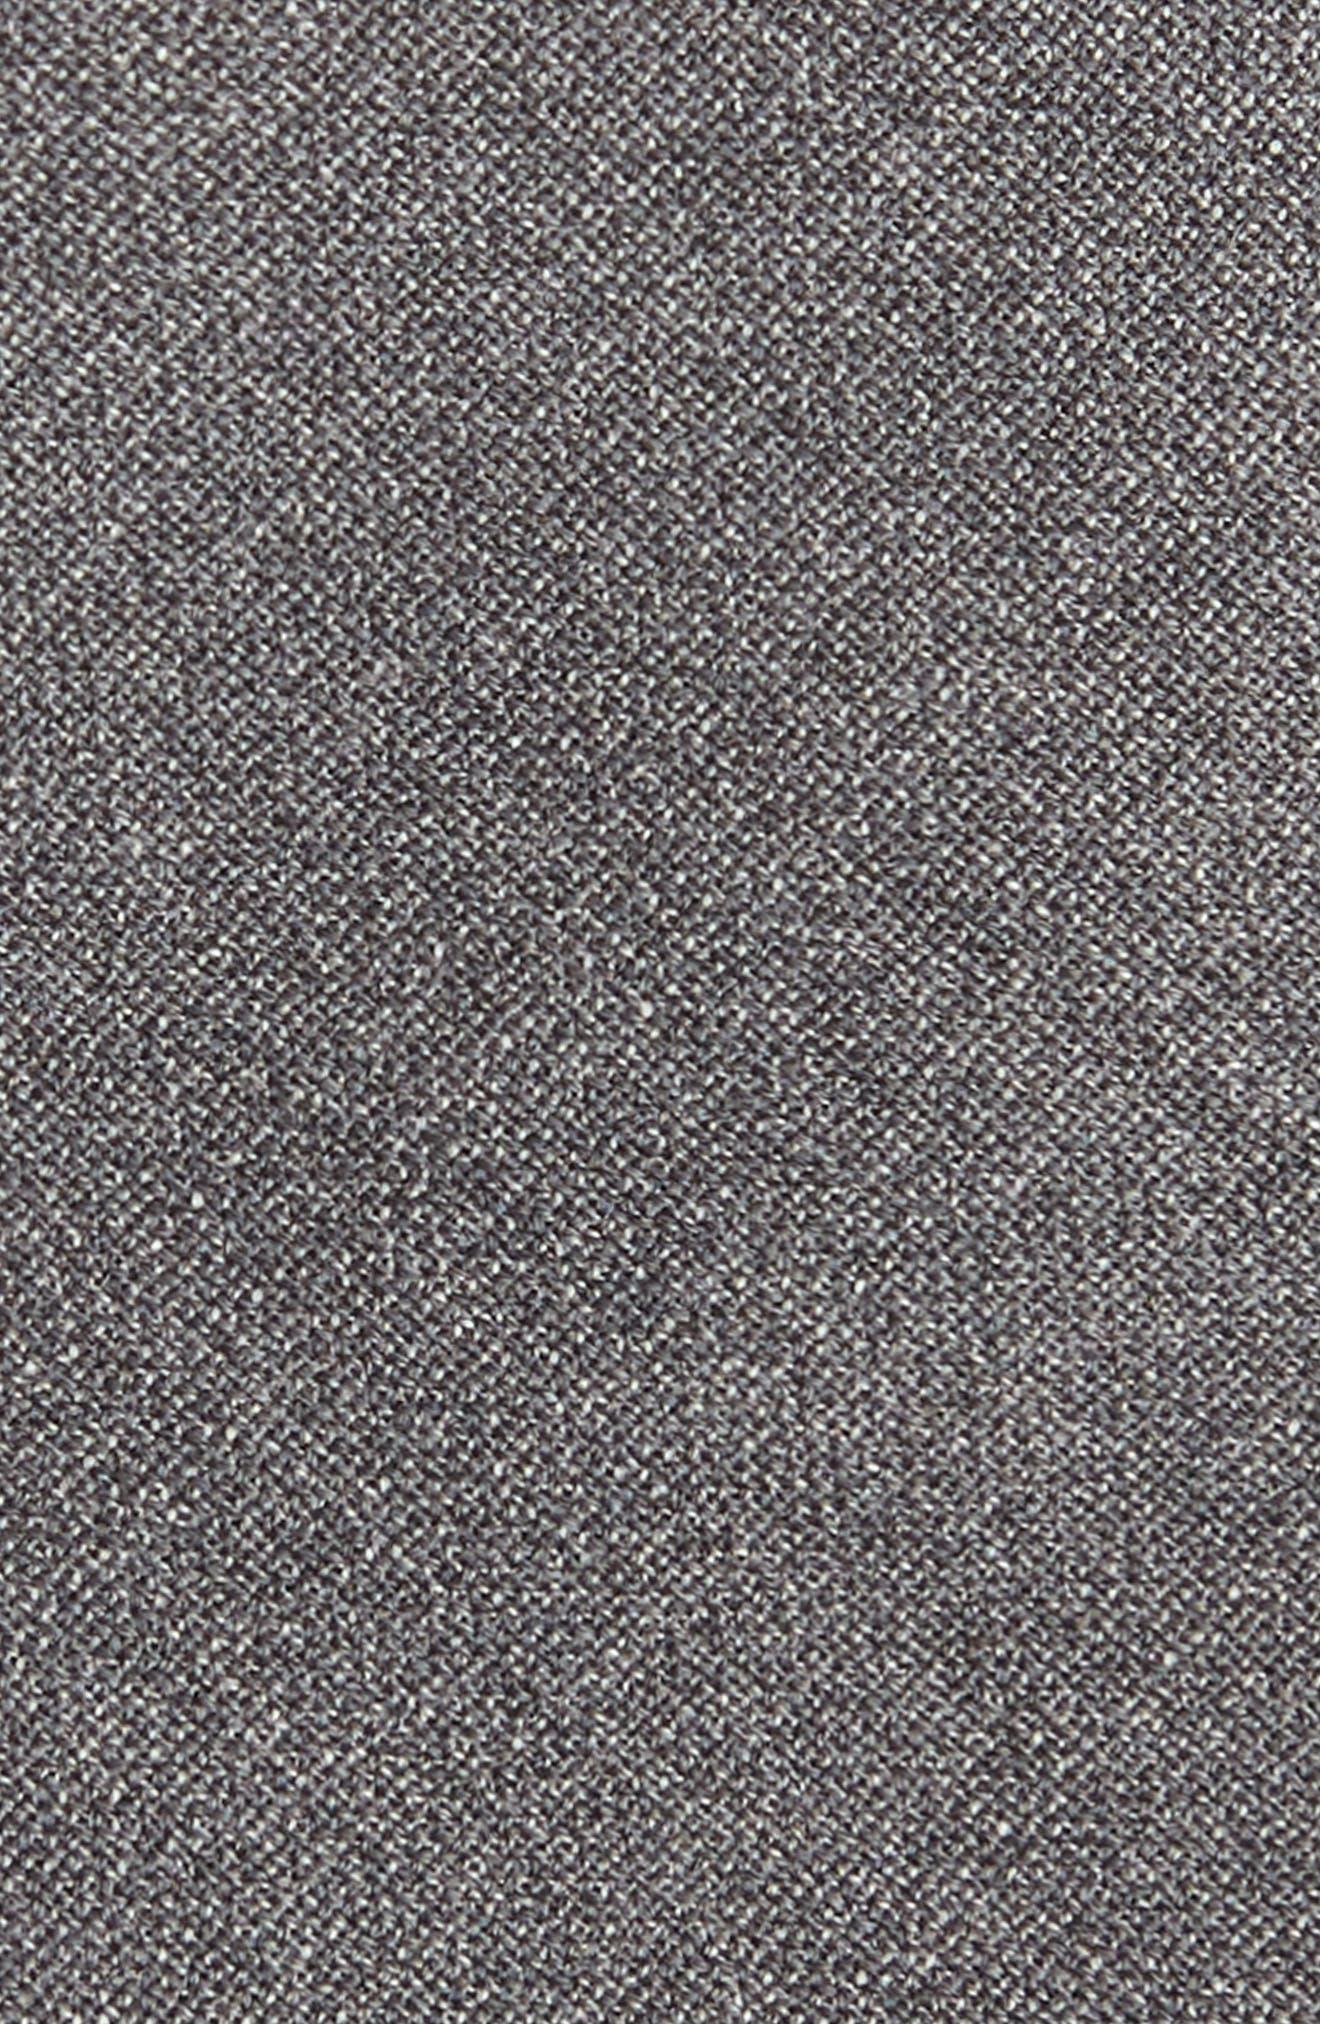 Jaspé Wool Skinny Tie,                             Alternate thumbnail 6, color,